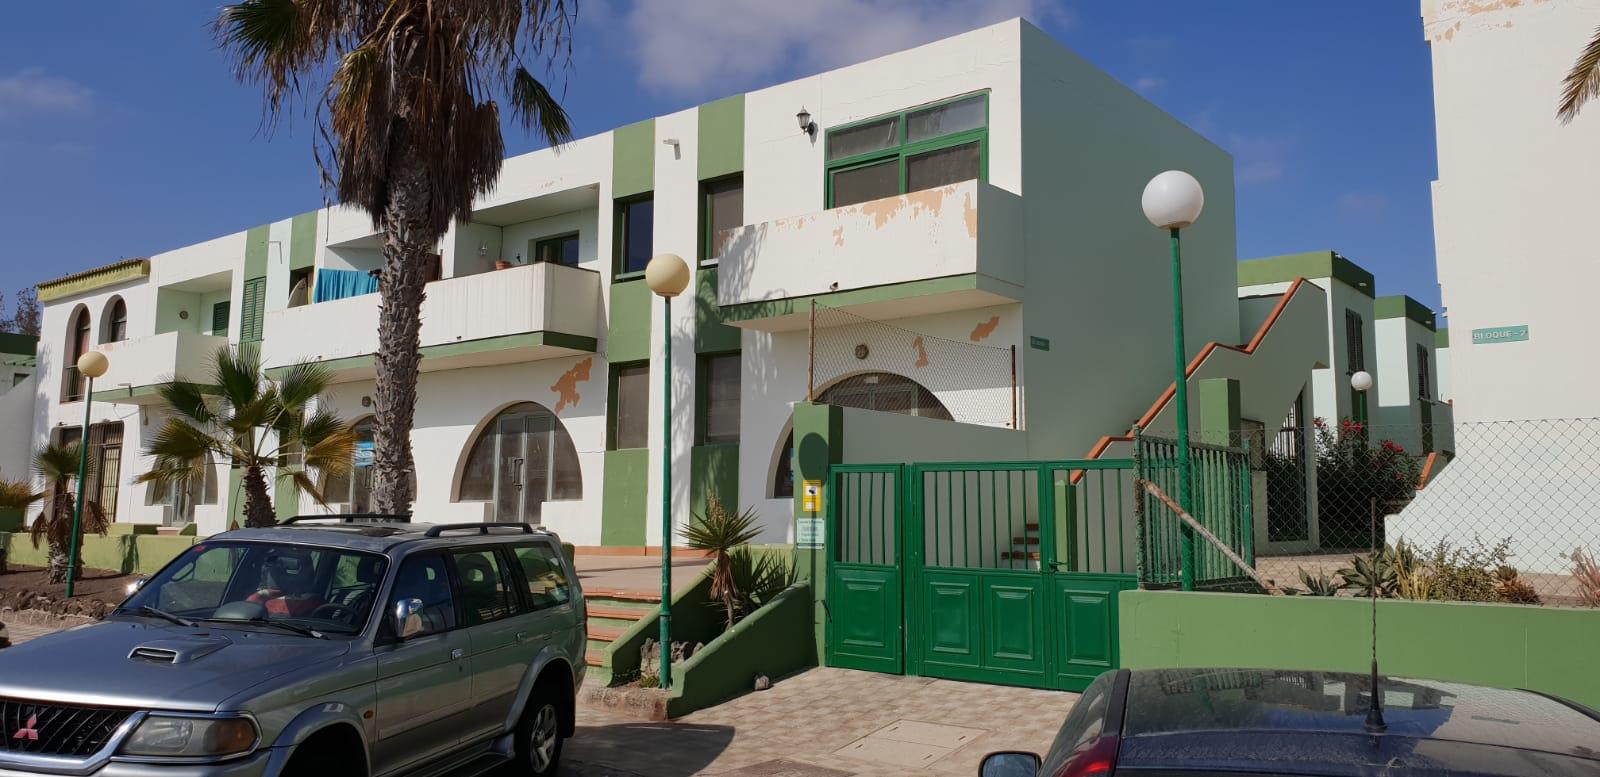 Piso en venta en Piso en la Oliva, Las Palmas, 69.000 €, 1 habitación, 1 baño, 51 m2